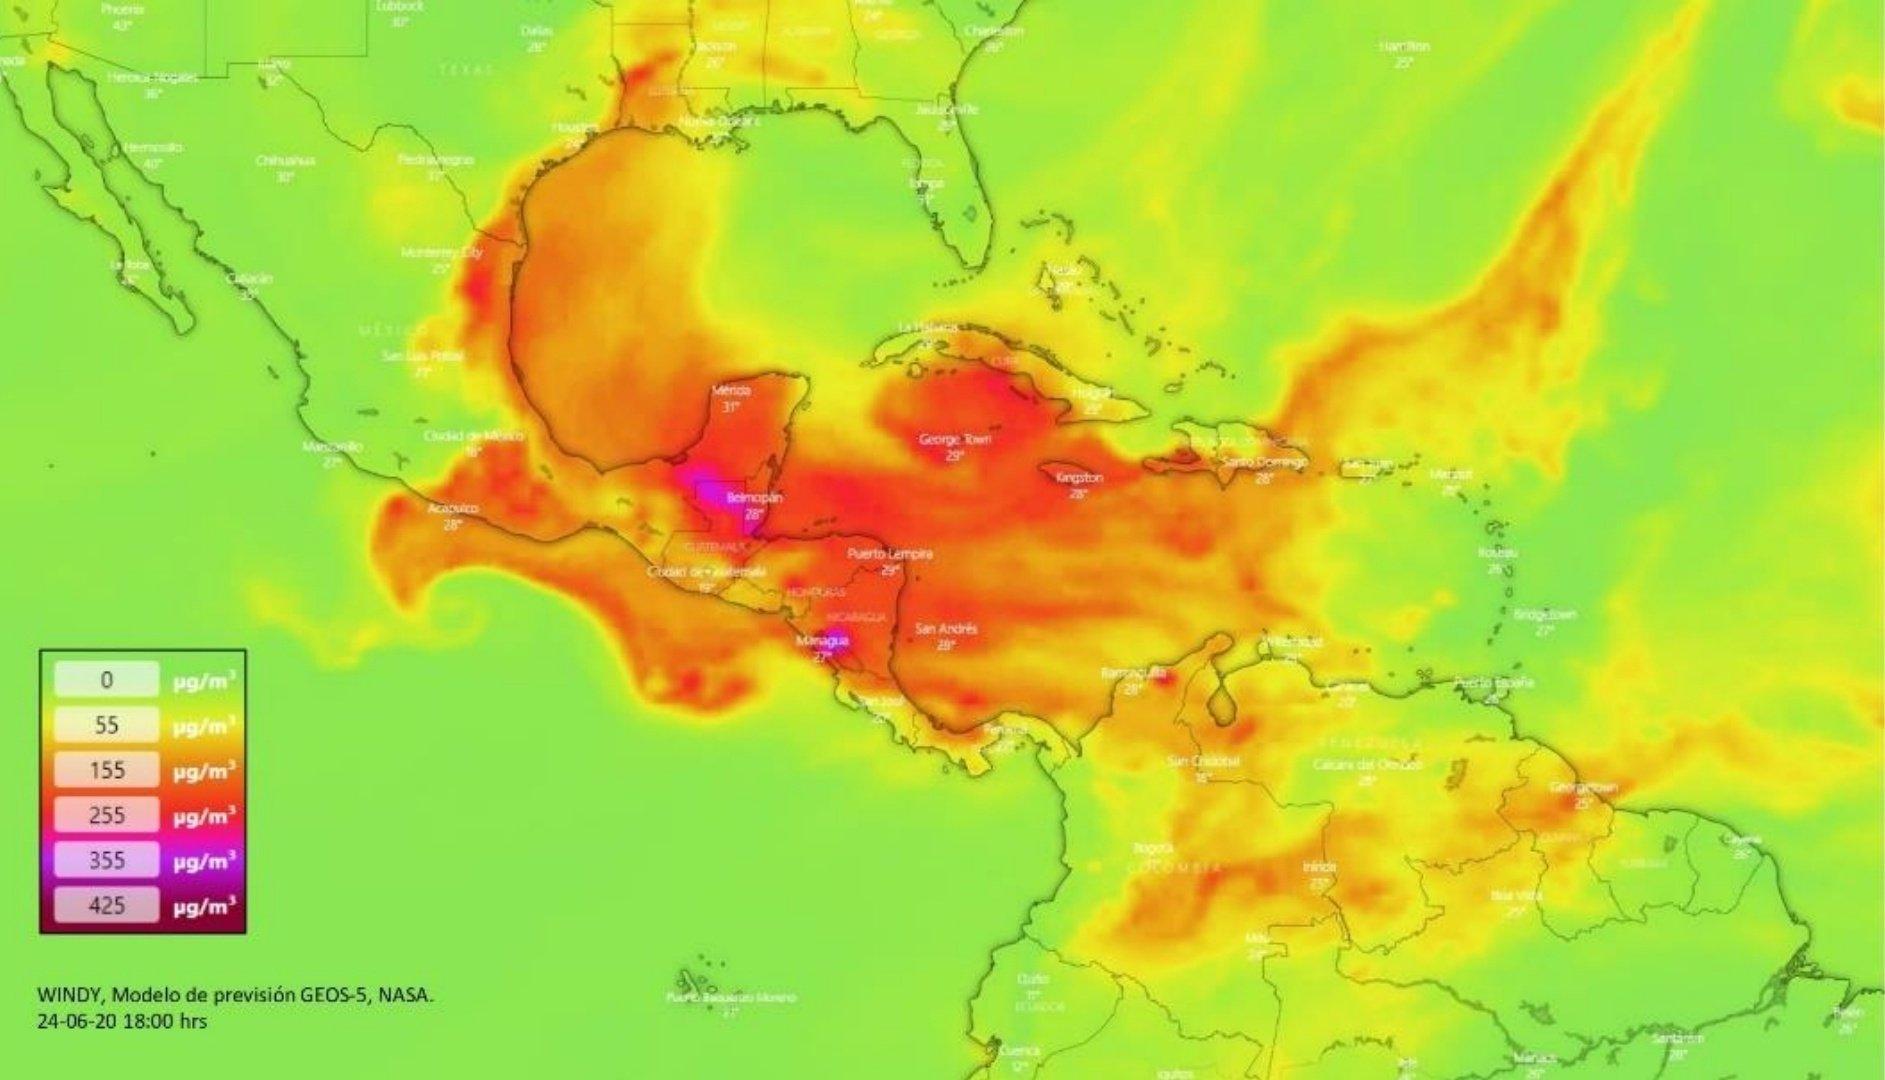 ¿CÓMO MONITOREAR EL AVANCE POR MÉXICO, DE POLVO DEL SAHARA?